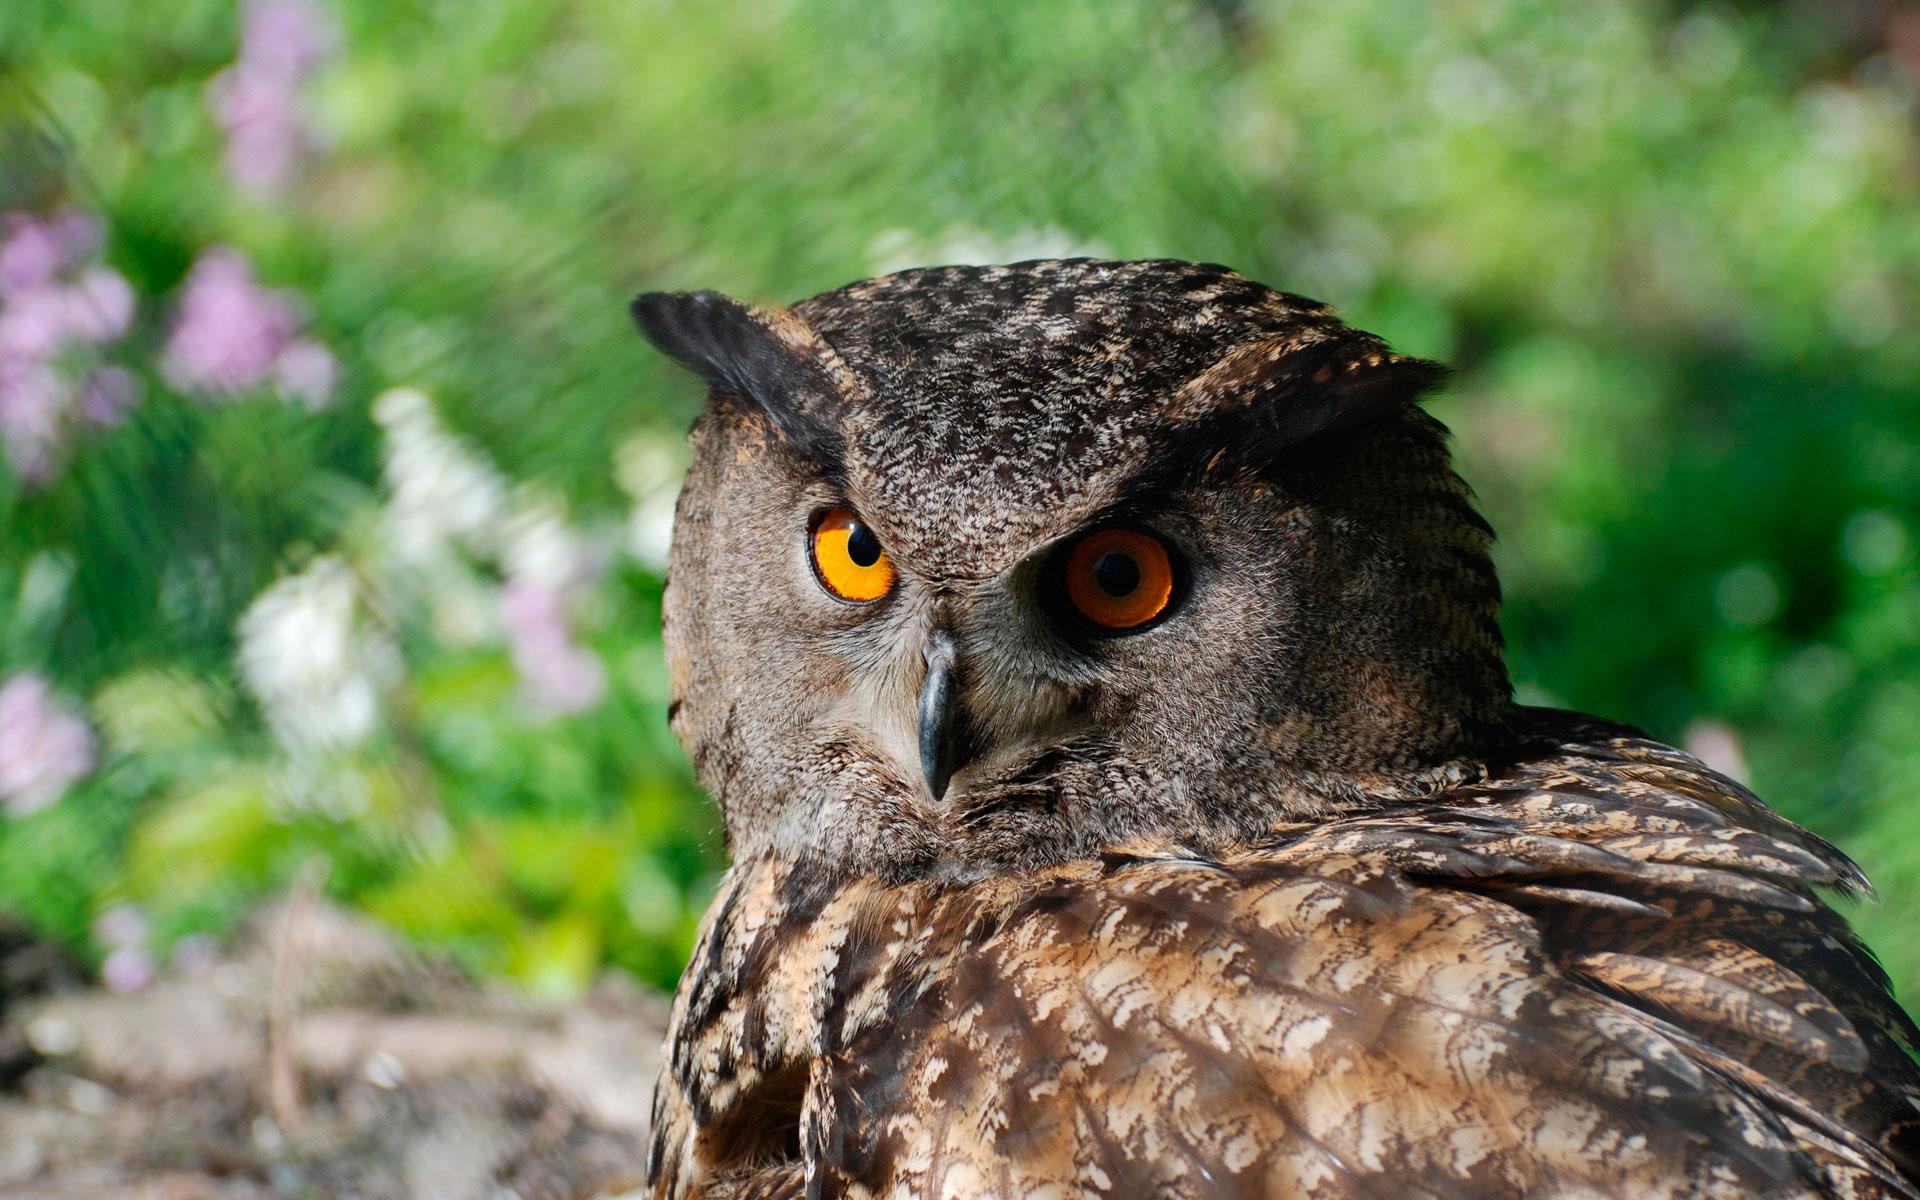 Изображение совы картинки - 6e72a